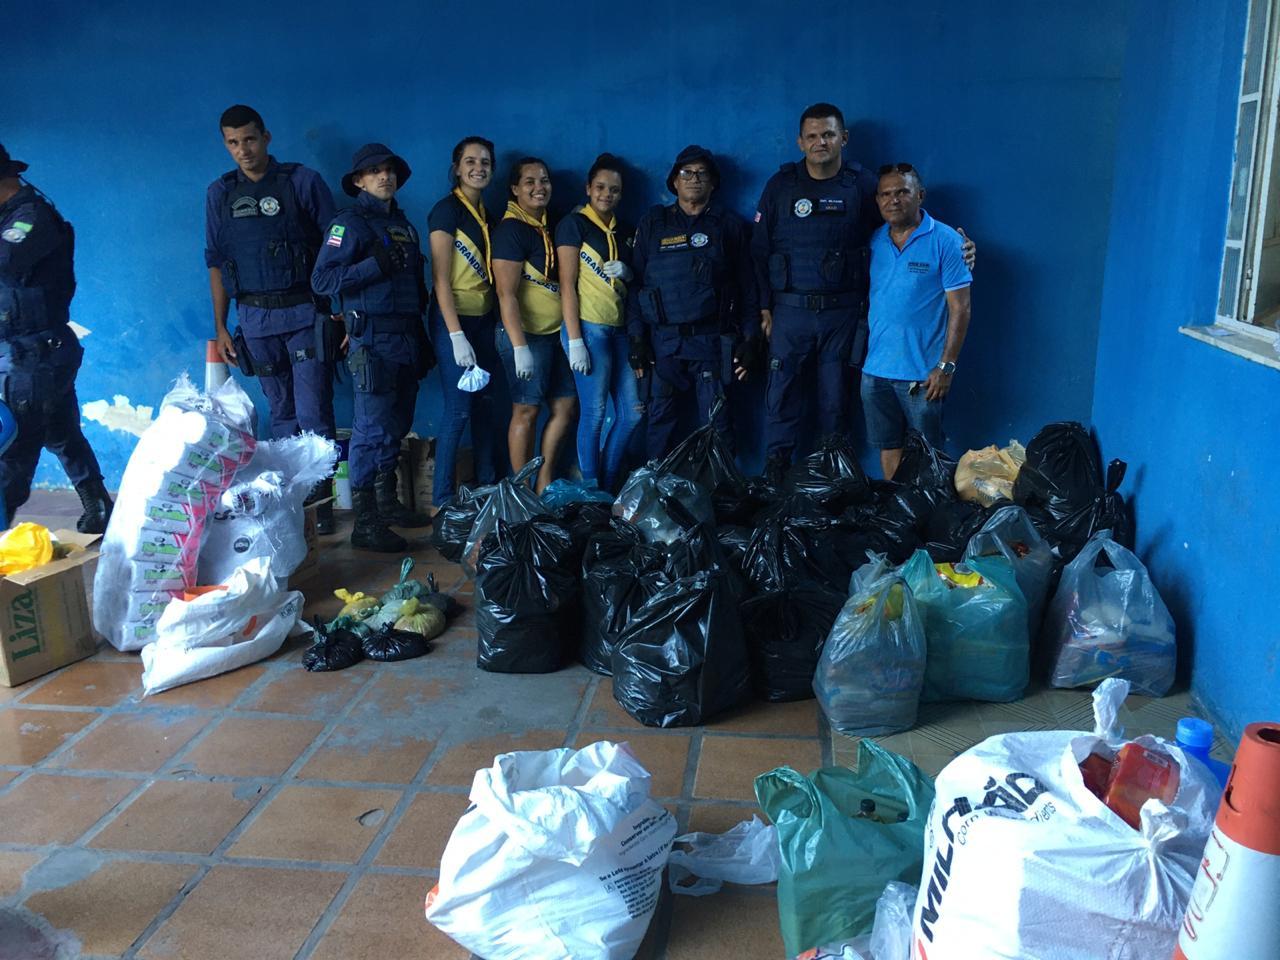 GCM de Araci faz doação de 60 cestas básicas aos mais carentes em Araci